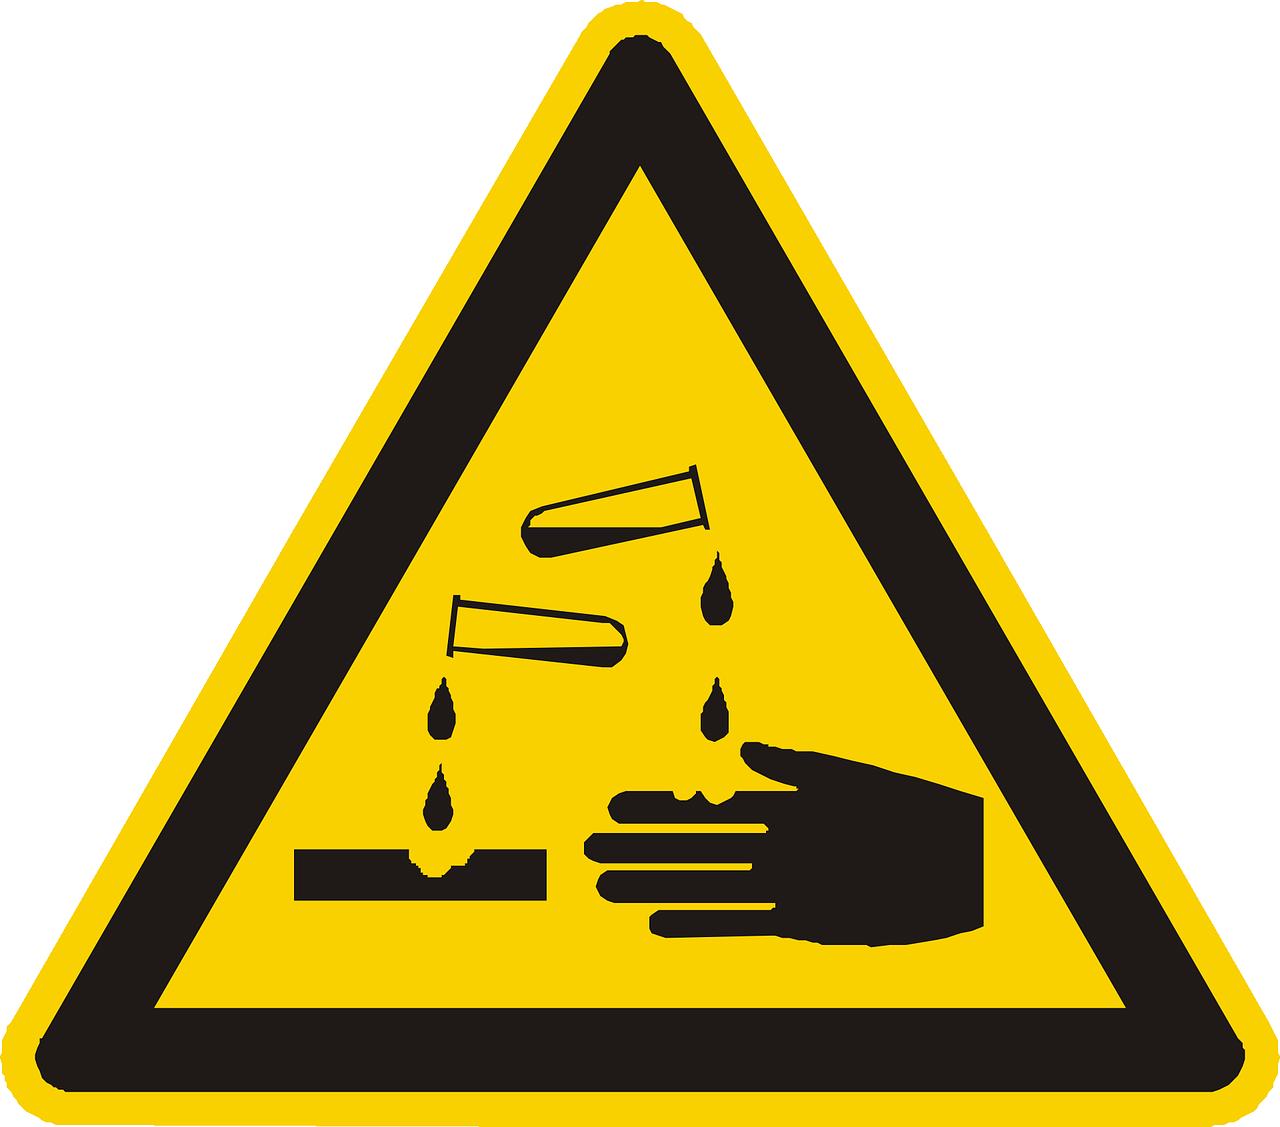 corrosive-98647_1280